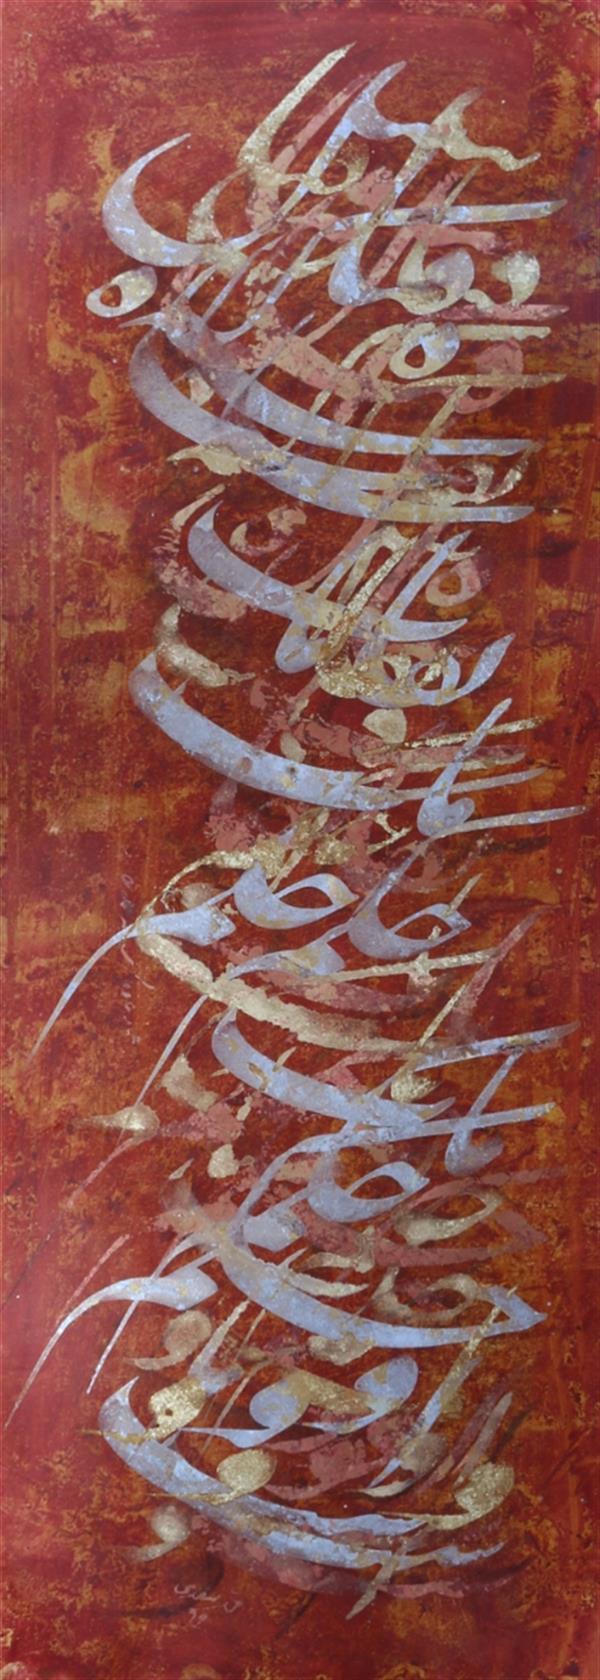 هنر خوشنویسی محفل خوشنویسی محمد مظهری (فروخته شد) پیل فنا که شاه بقا مات حکم اوست، هم بر پیادگان شما نیز بگذرد... (سیف فرغانی) (۲۵×۷۰) ورق فلزات و اکریلیک روی مقوا، پرس شده روی بوم شاسی